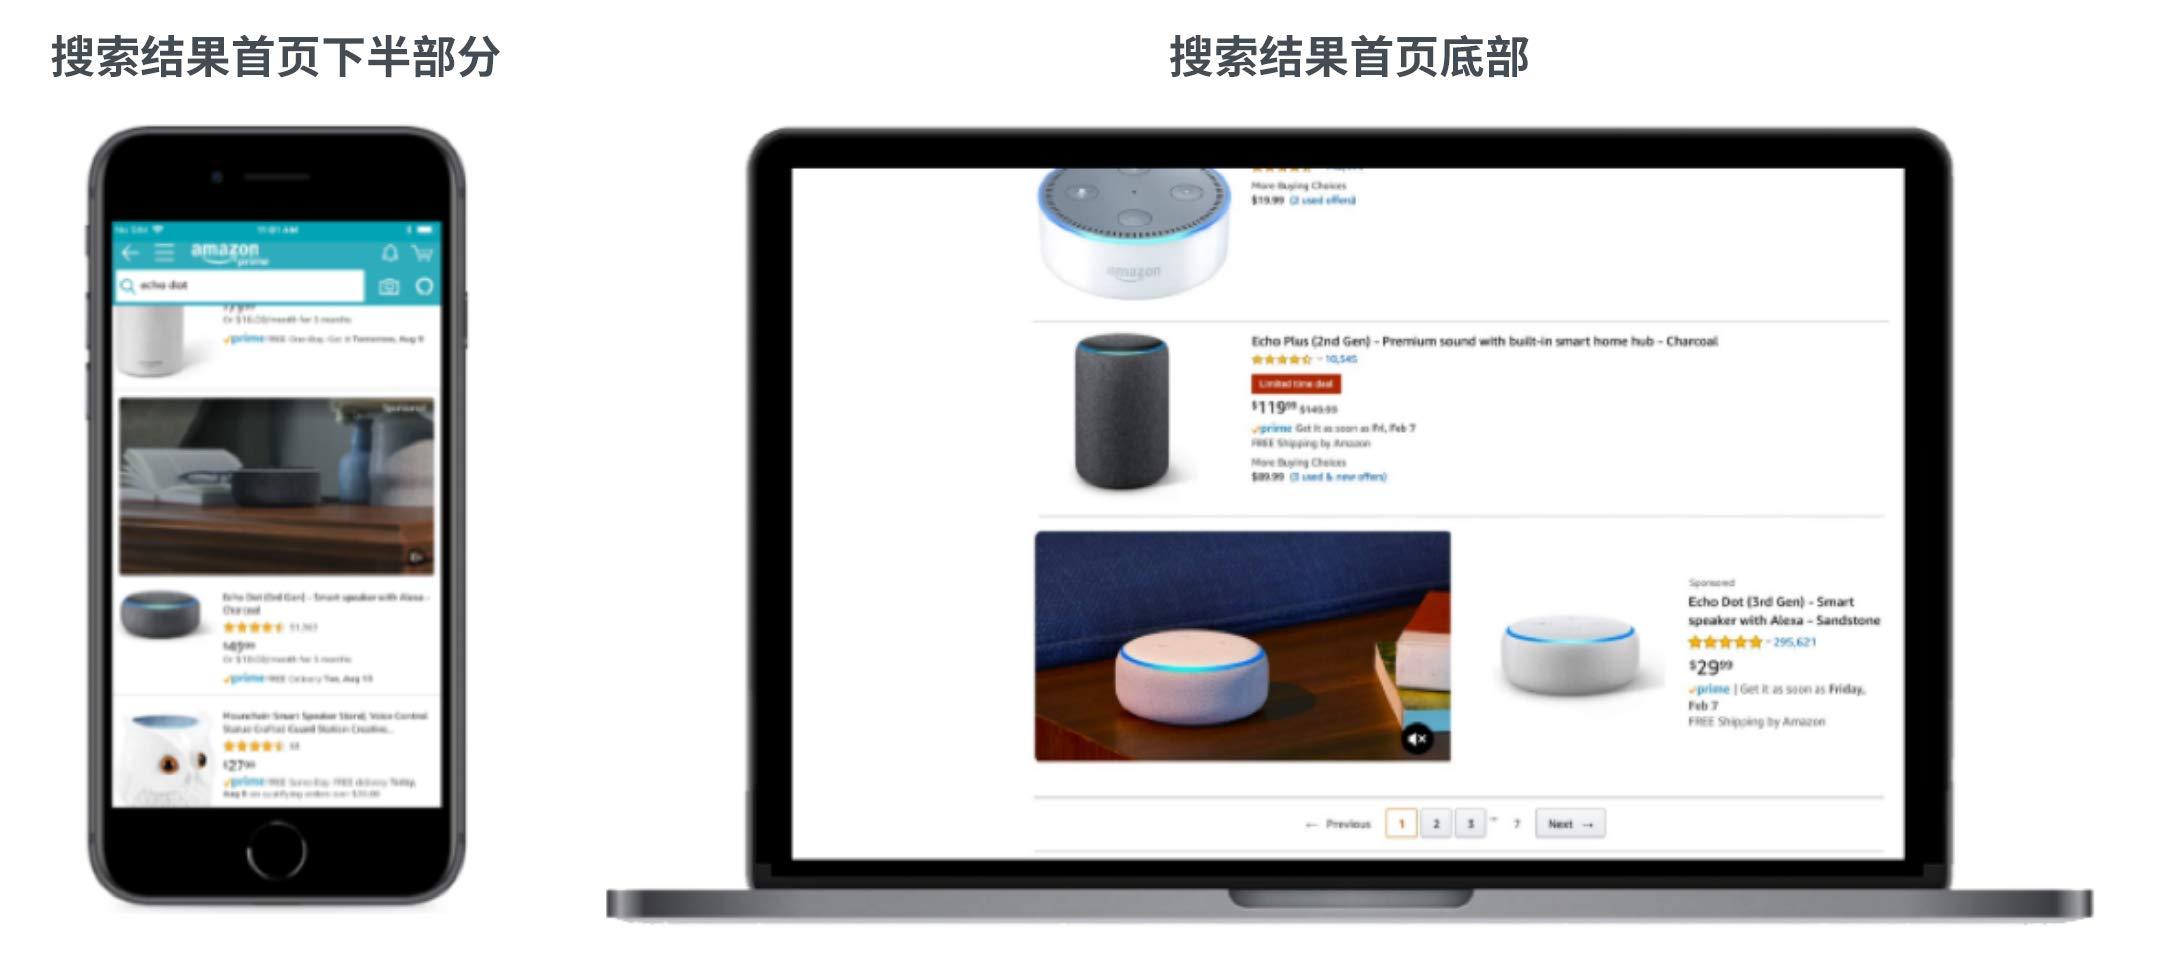 亚马逊品牌推广视频广告展现位置